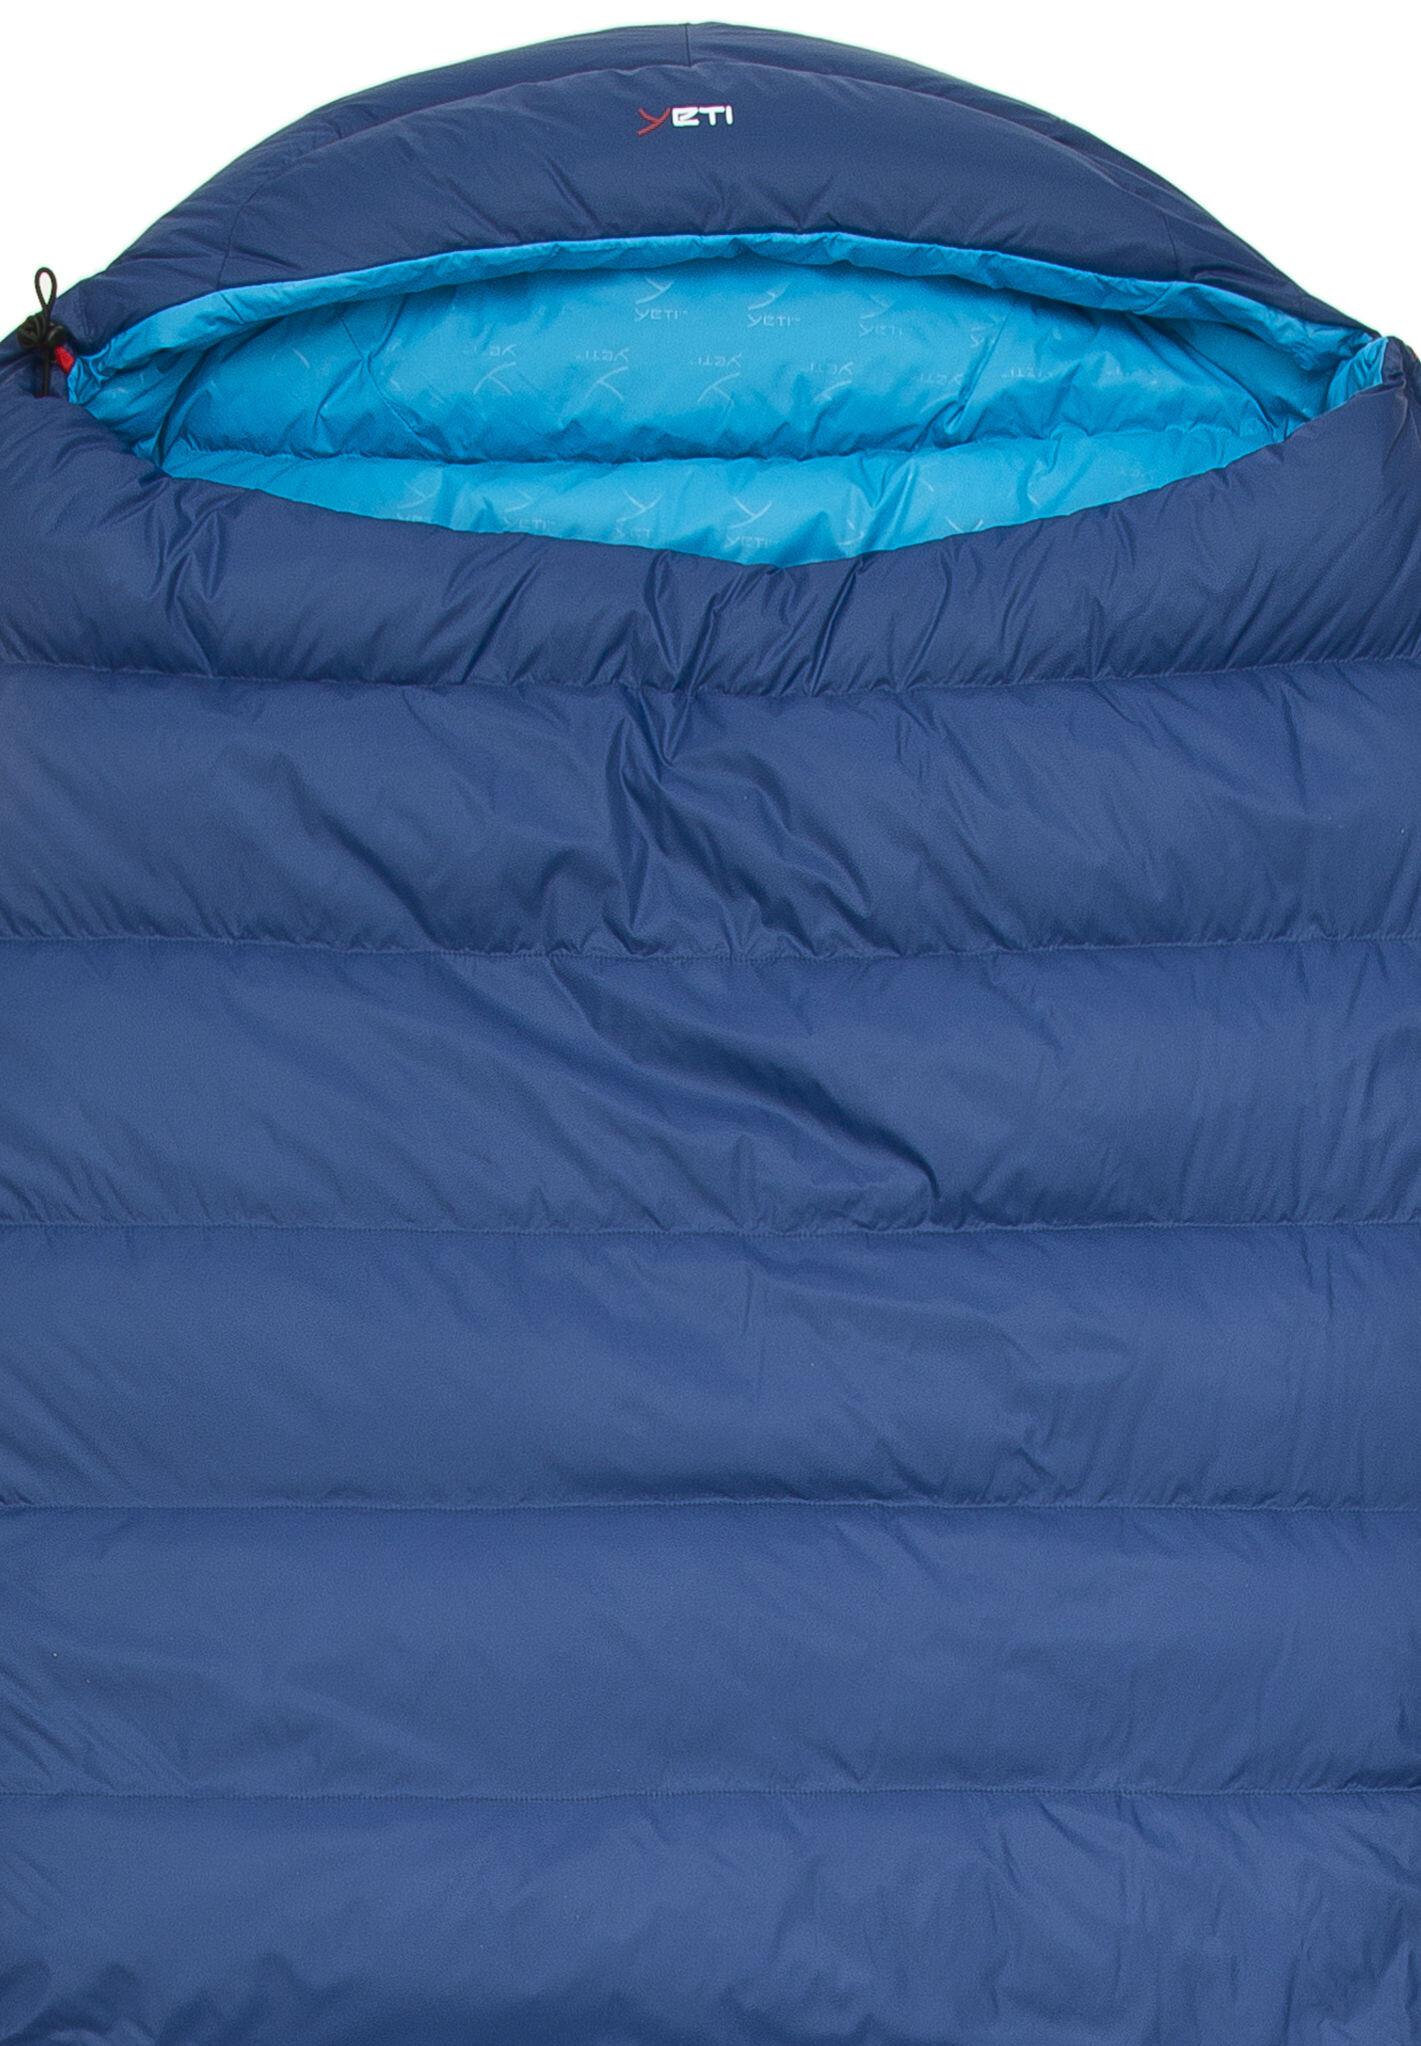 Yeti Tension Mummy 300 Schlafsack XL royal bluemethyl blue